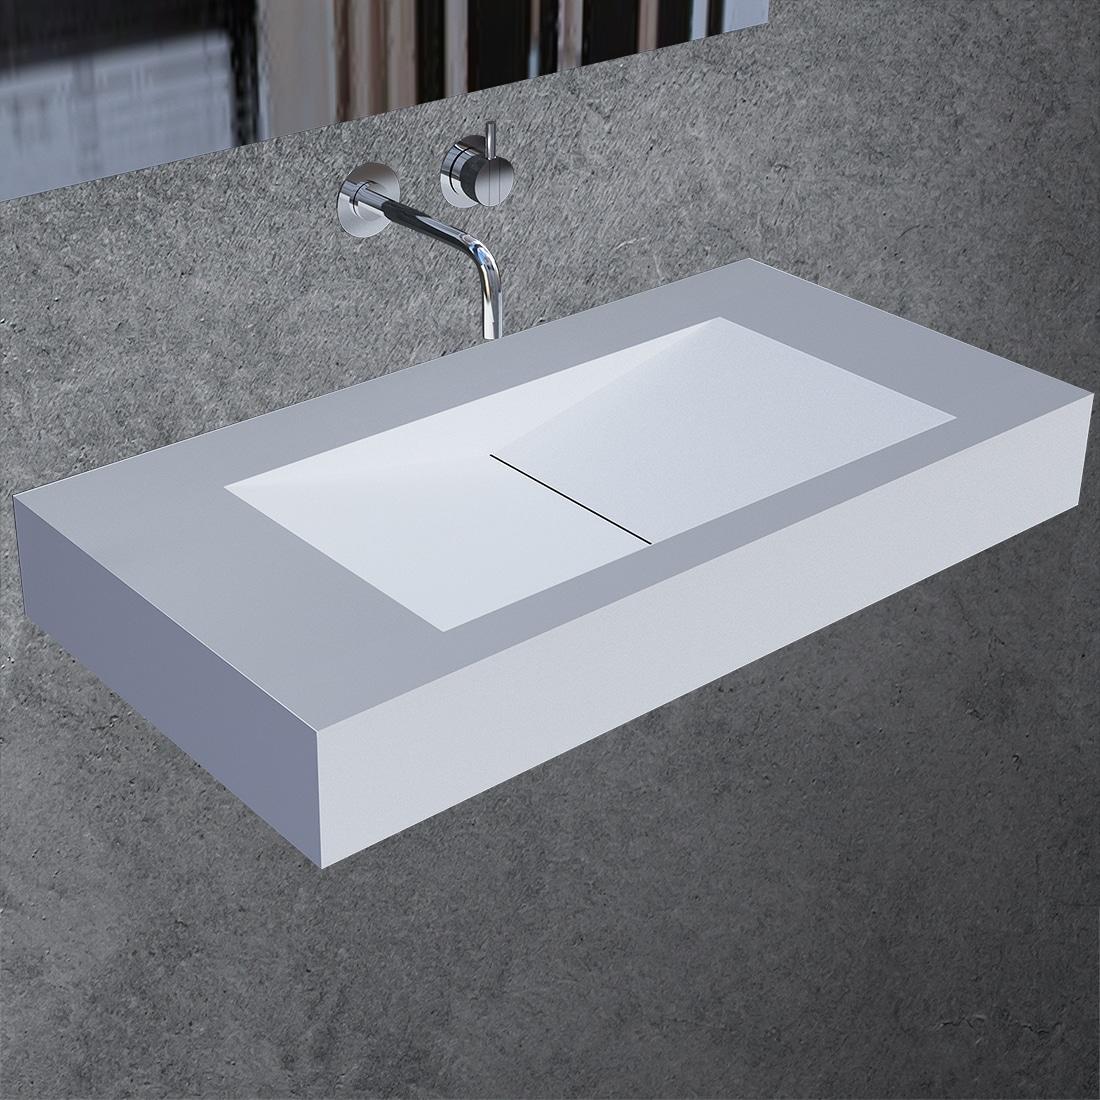 Tvättställ modell Sprogø